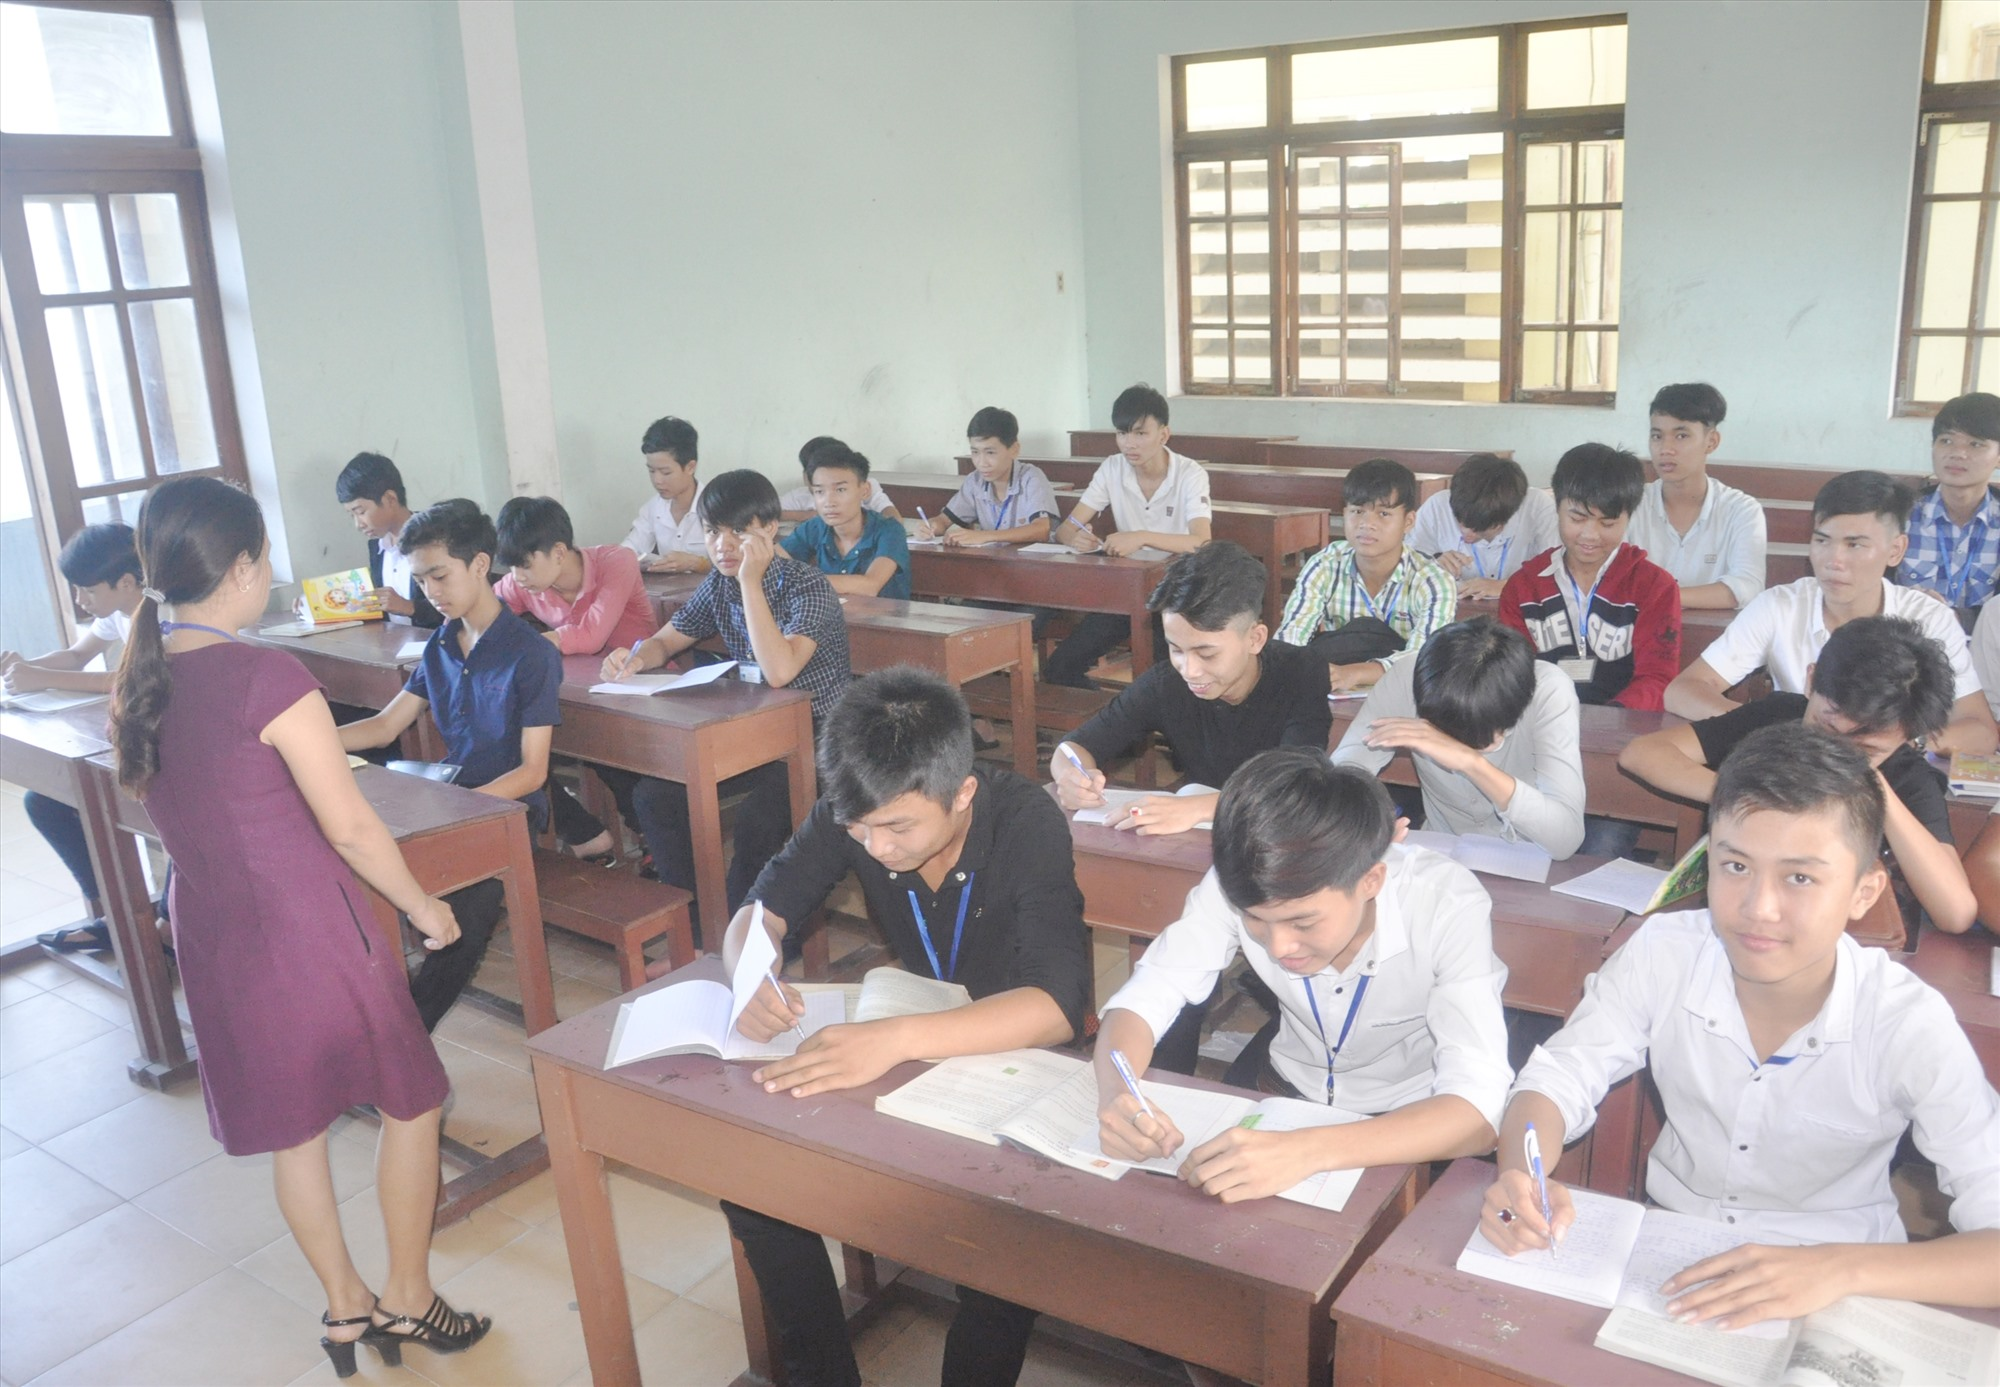 Học sinh học xong lớp 9 vào học nghề tại Trường Cao đẳng Kinh tế kỹ thuật Quảng Nam. Ảnh: X.P